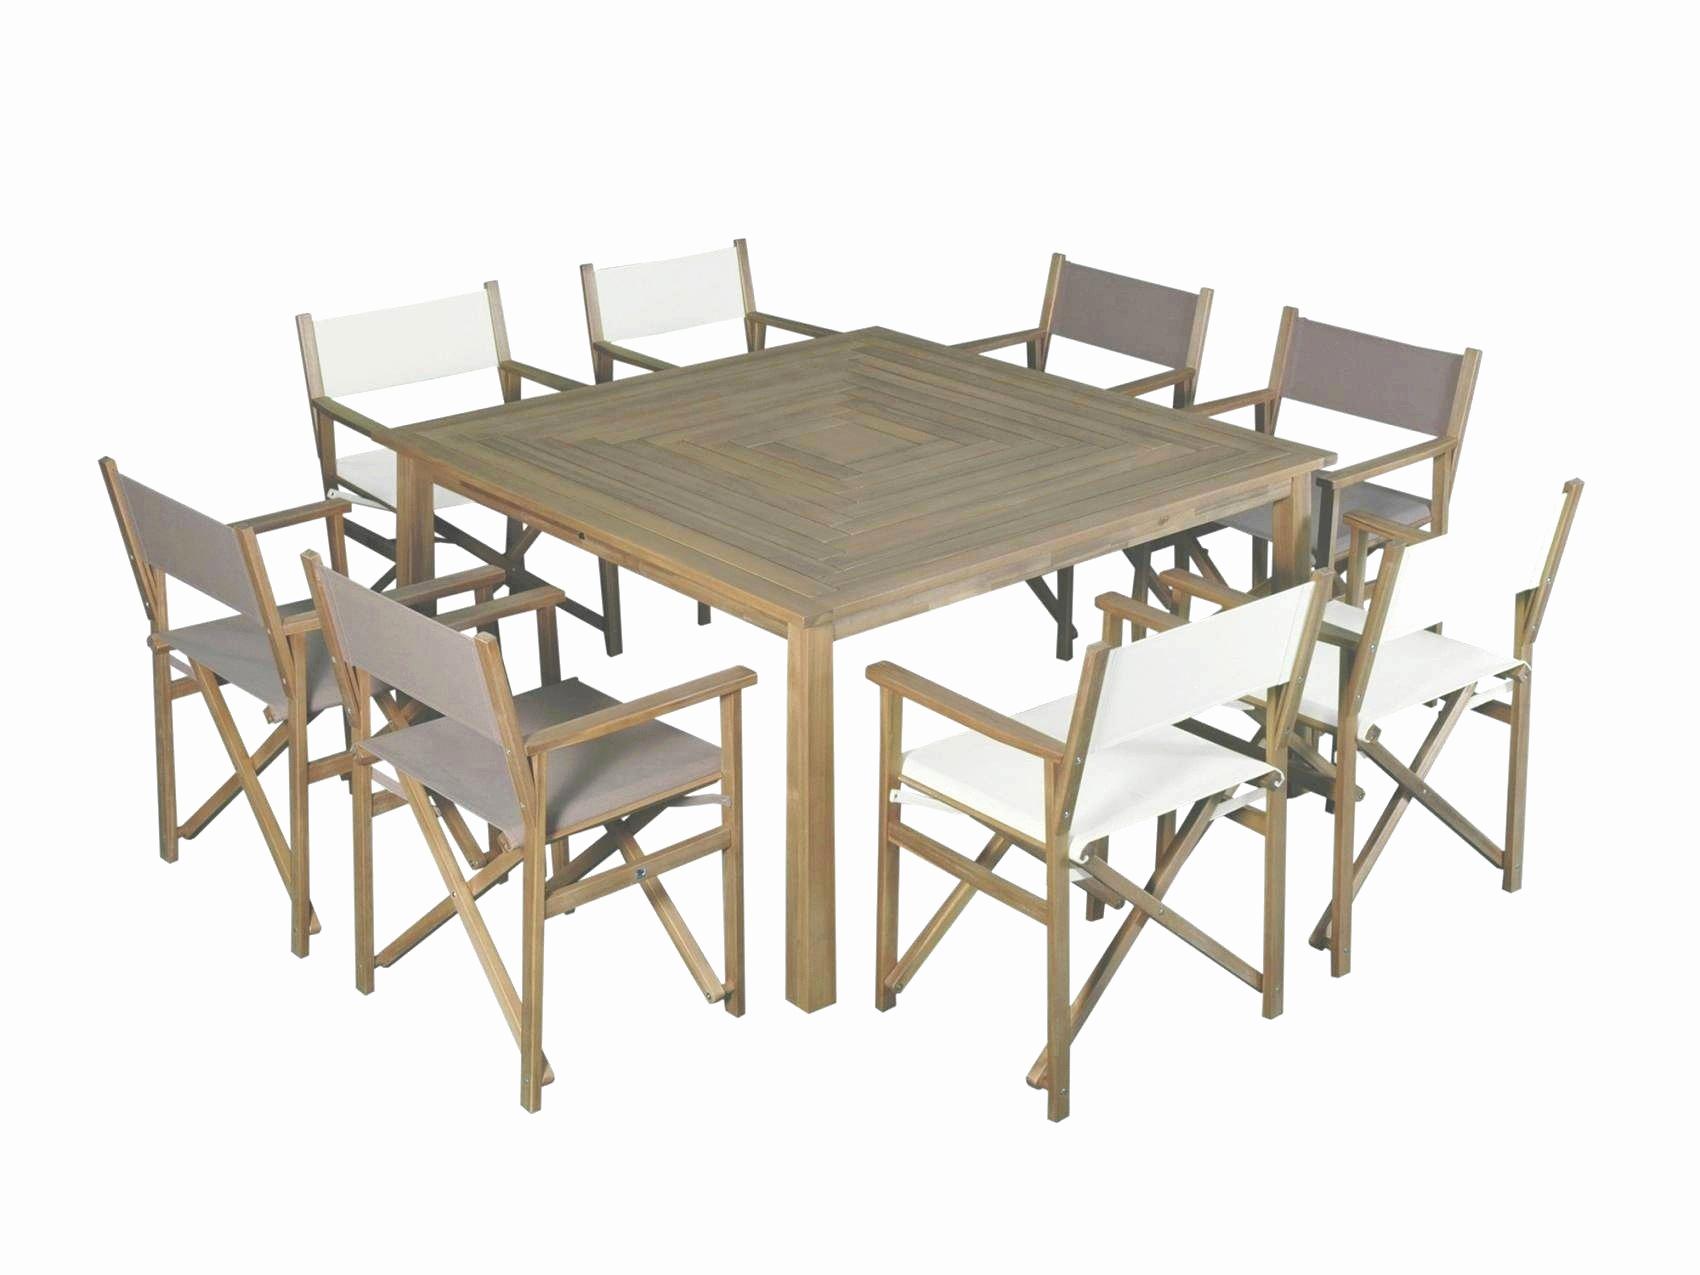 banc de salon beau table pour terrasse unique chaise pour terrasse beau banc pour salon of banc de salon